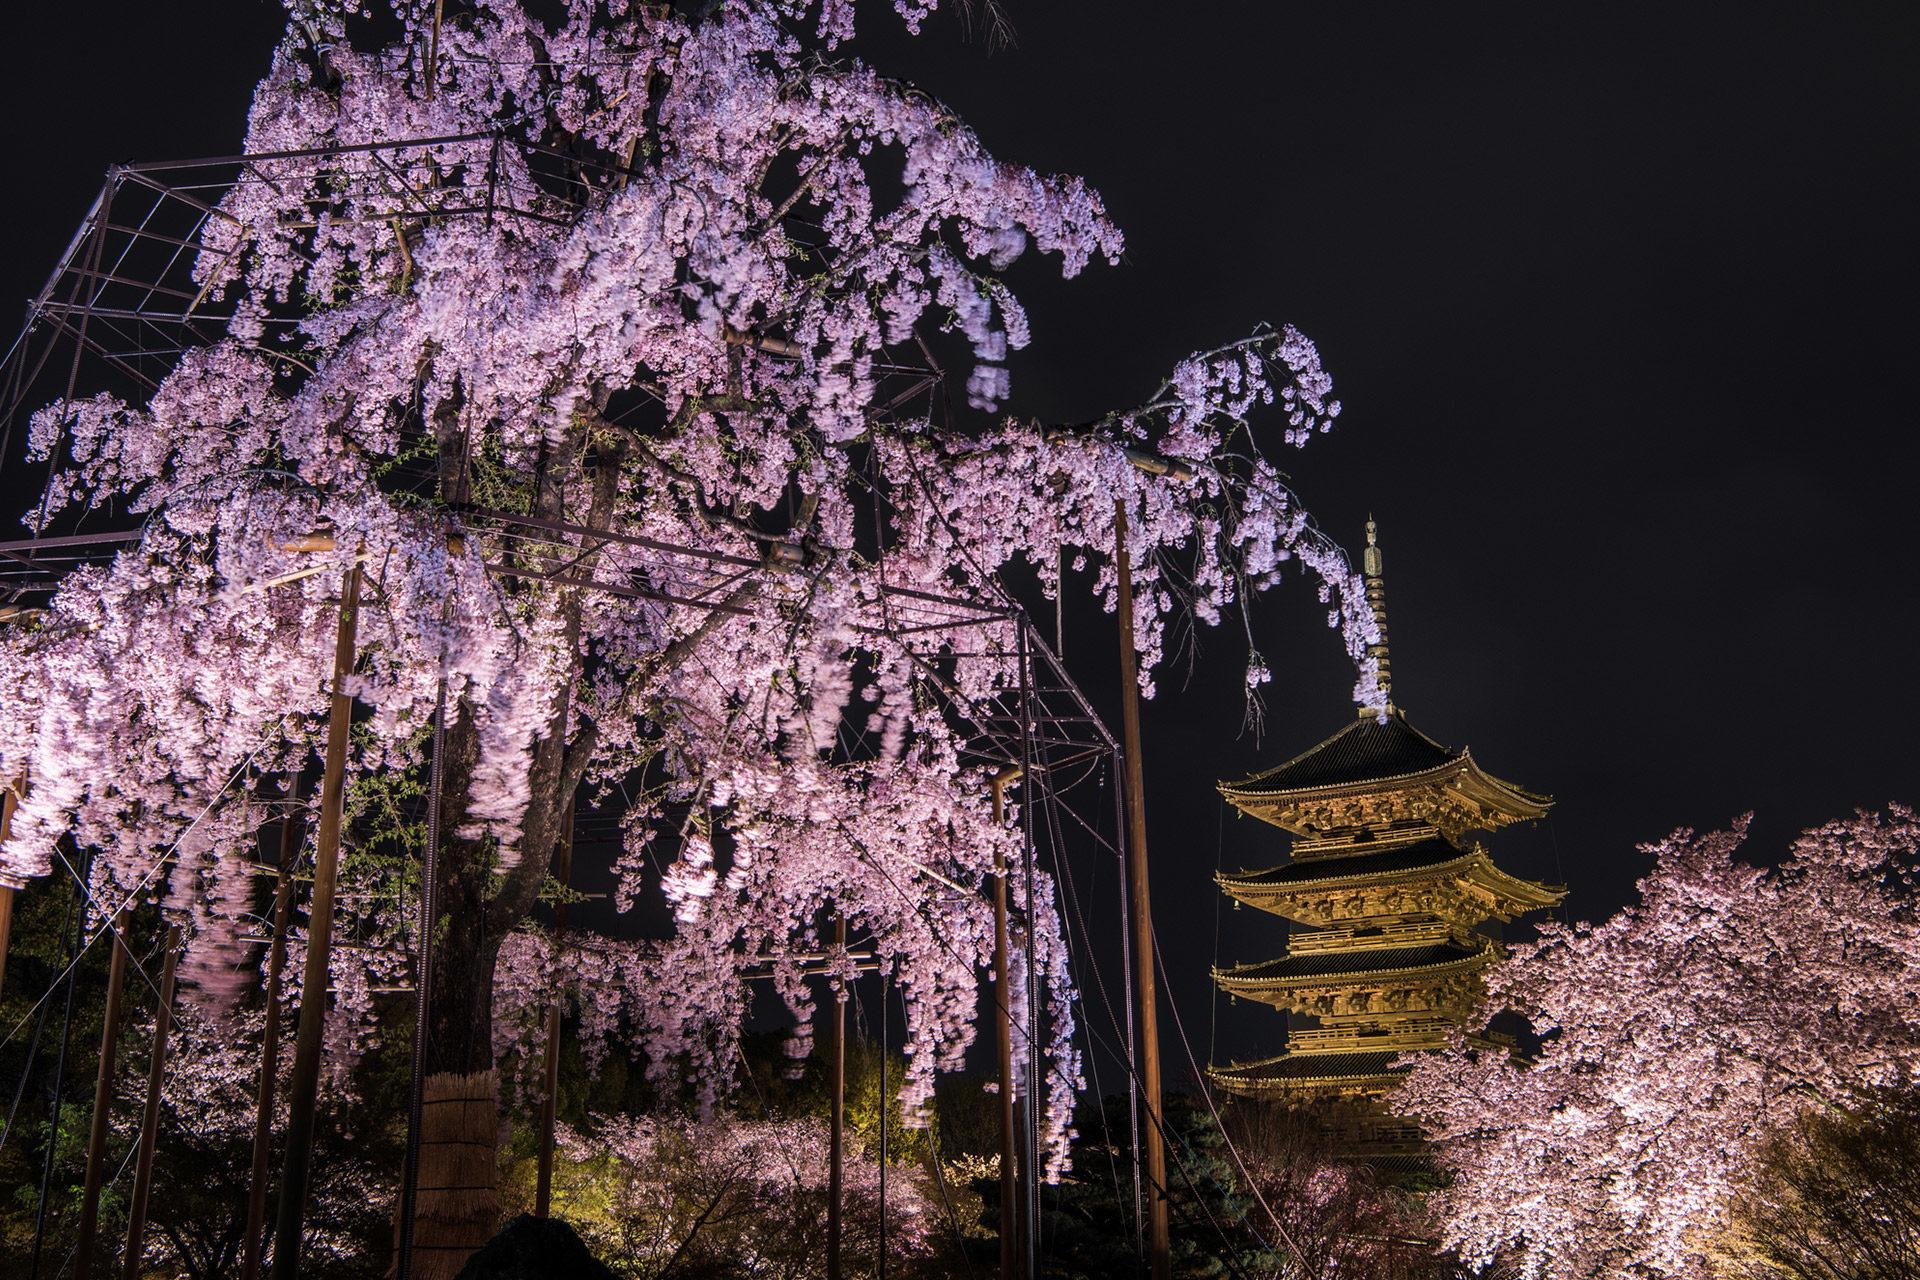 京都-東寺-桜-ライトアップ